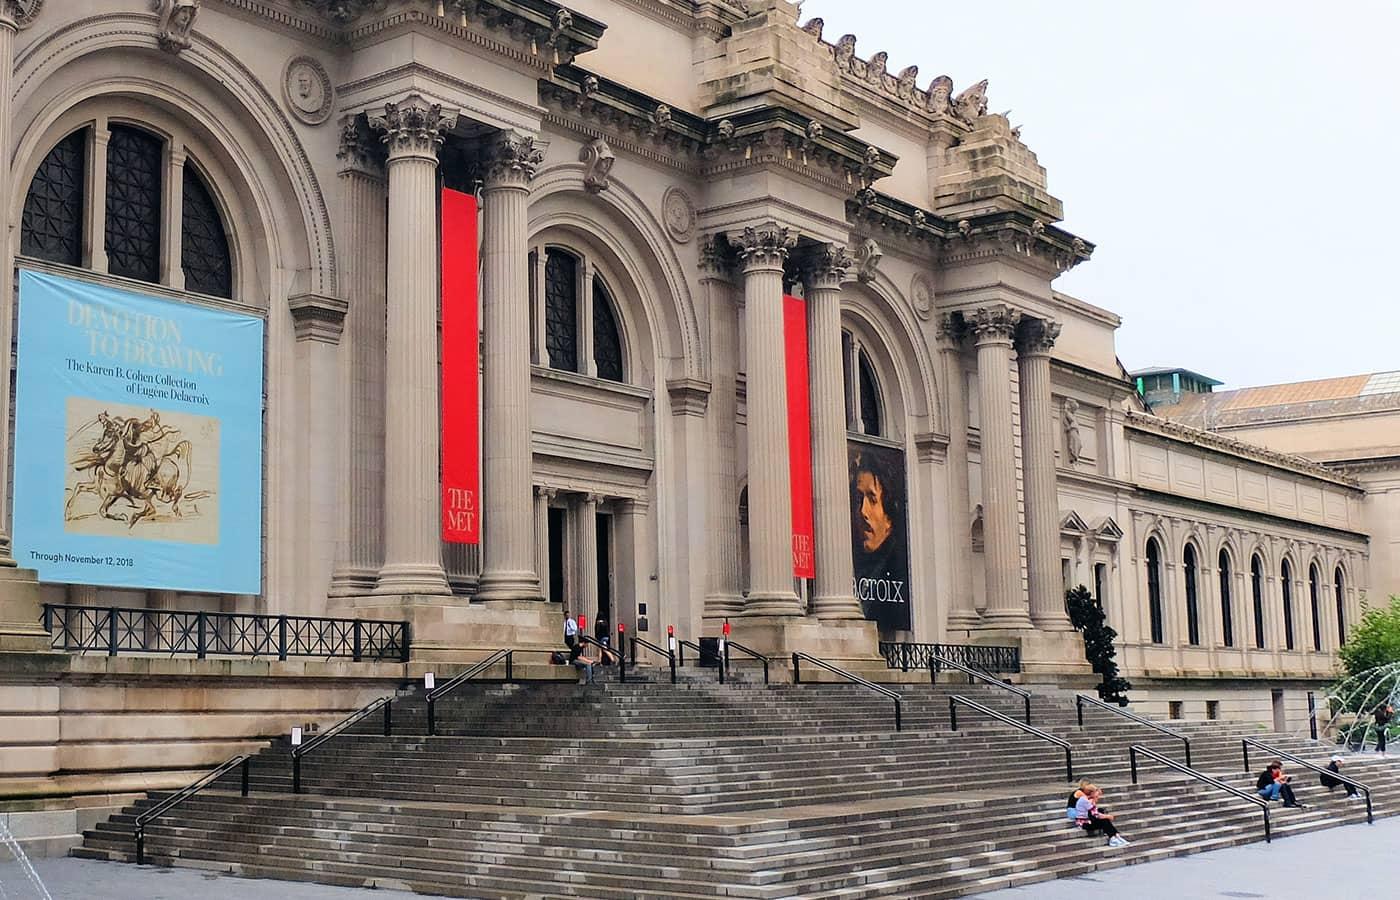 New York Sightseeing Flex Pass ja Sightseeing Day Pass -kaupunkipassien erot - The Met